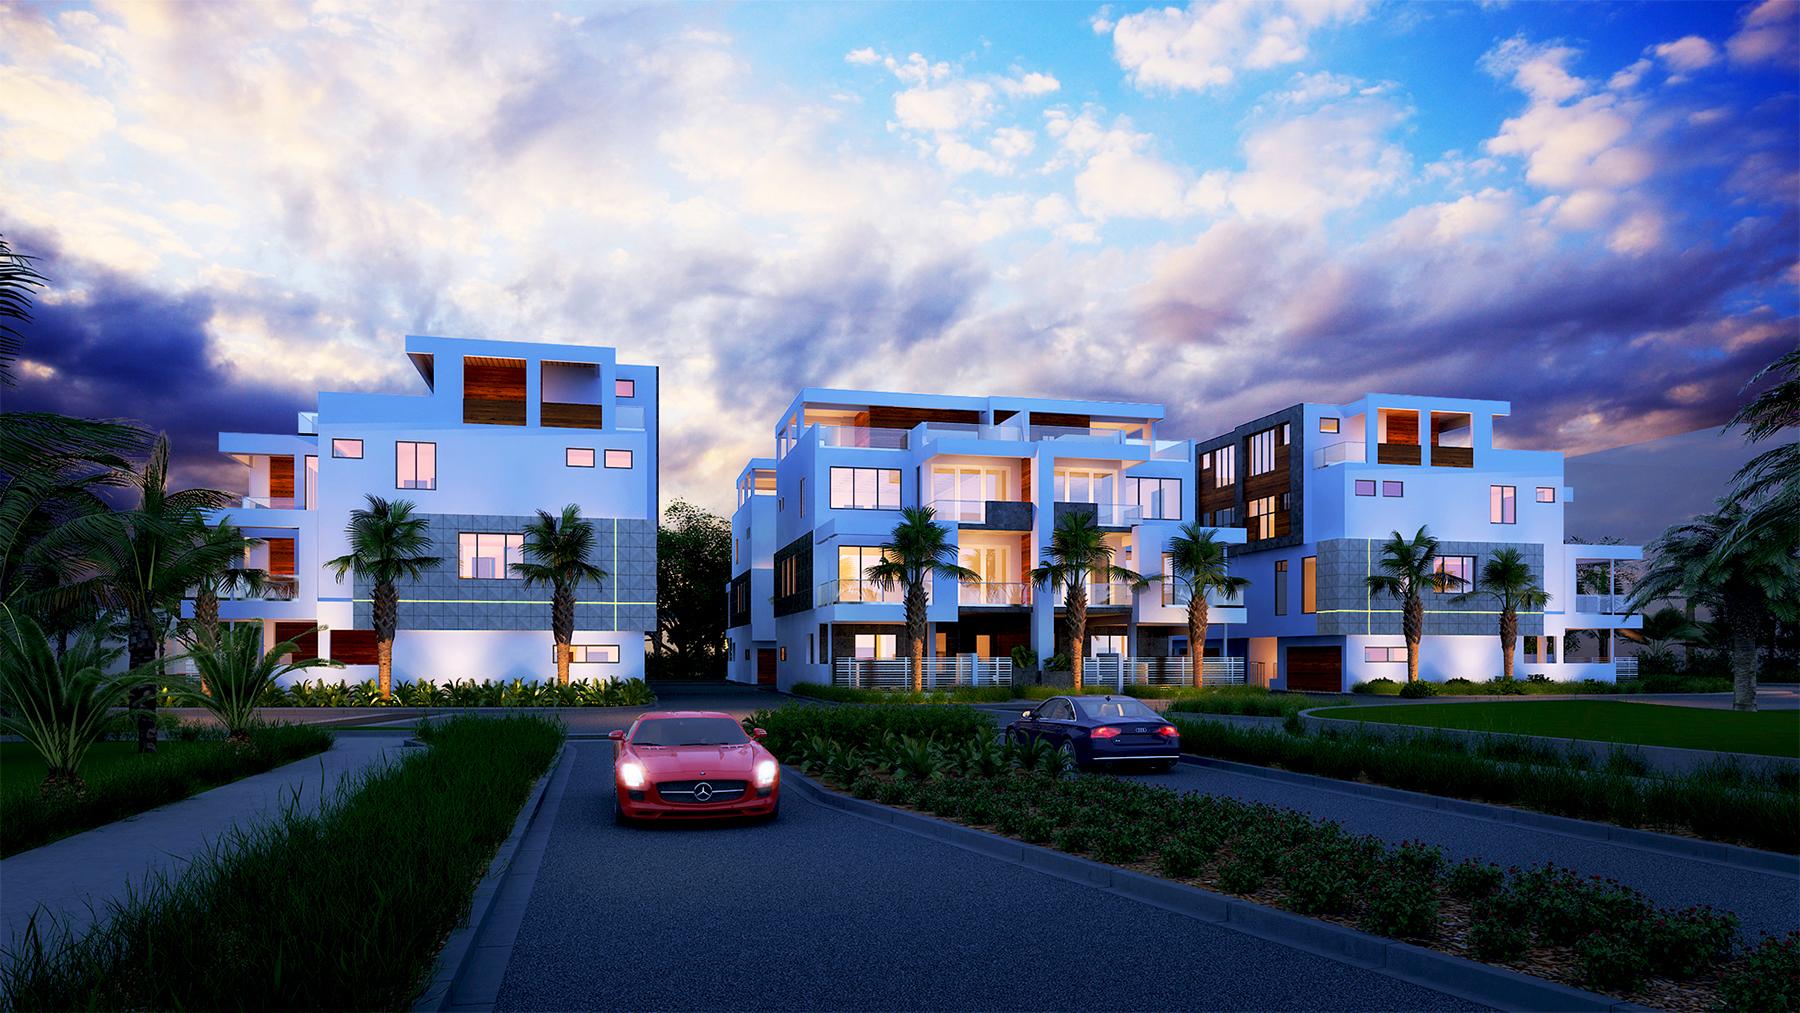 Stadthaus für Verkauf beim ALLURE 111 Golden Gate Pt 1 Sarasota, Florida, 34236 Vereinigte Staaten